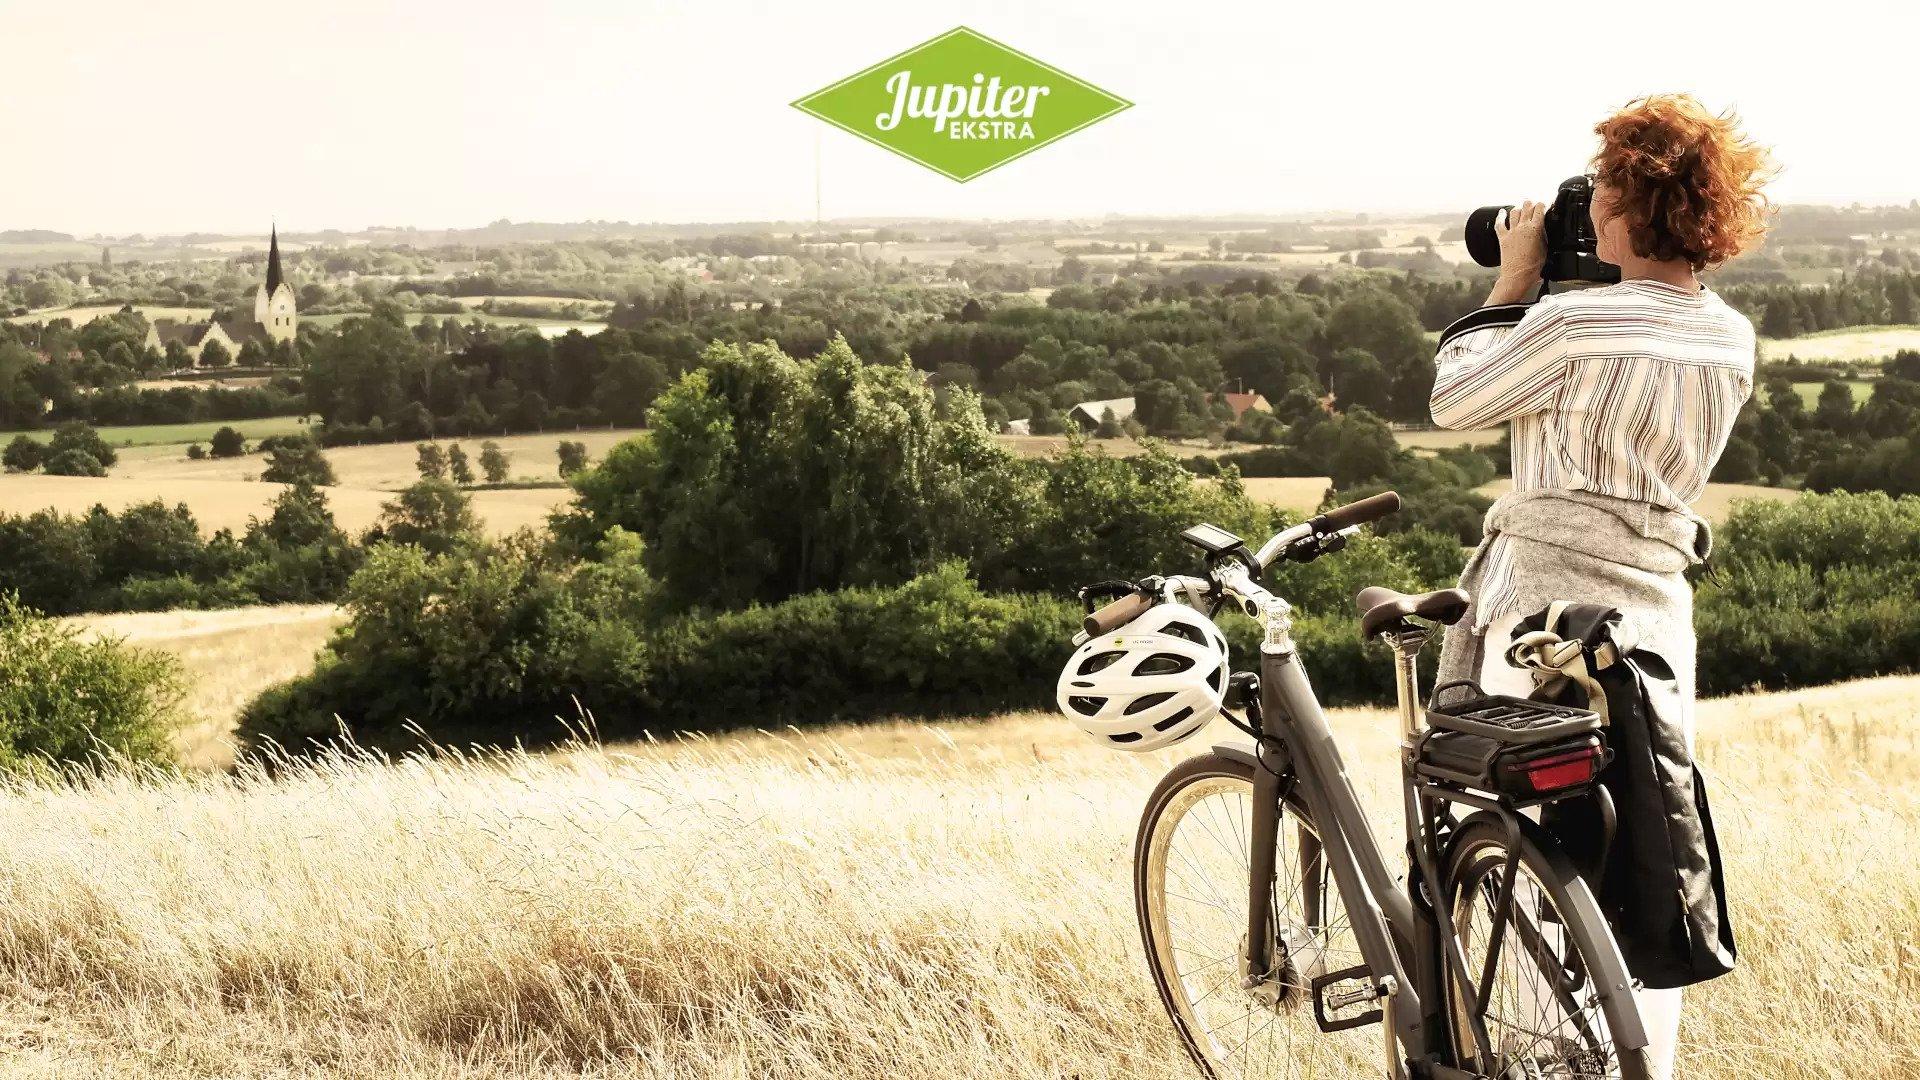 El Cykel | El Cykel Dame | Jupitor Ekstra